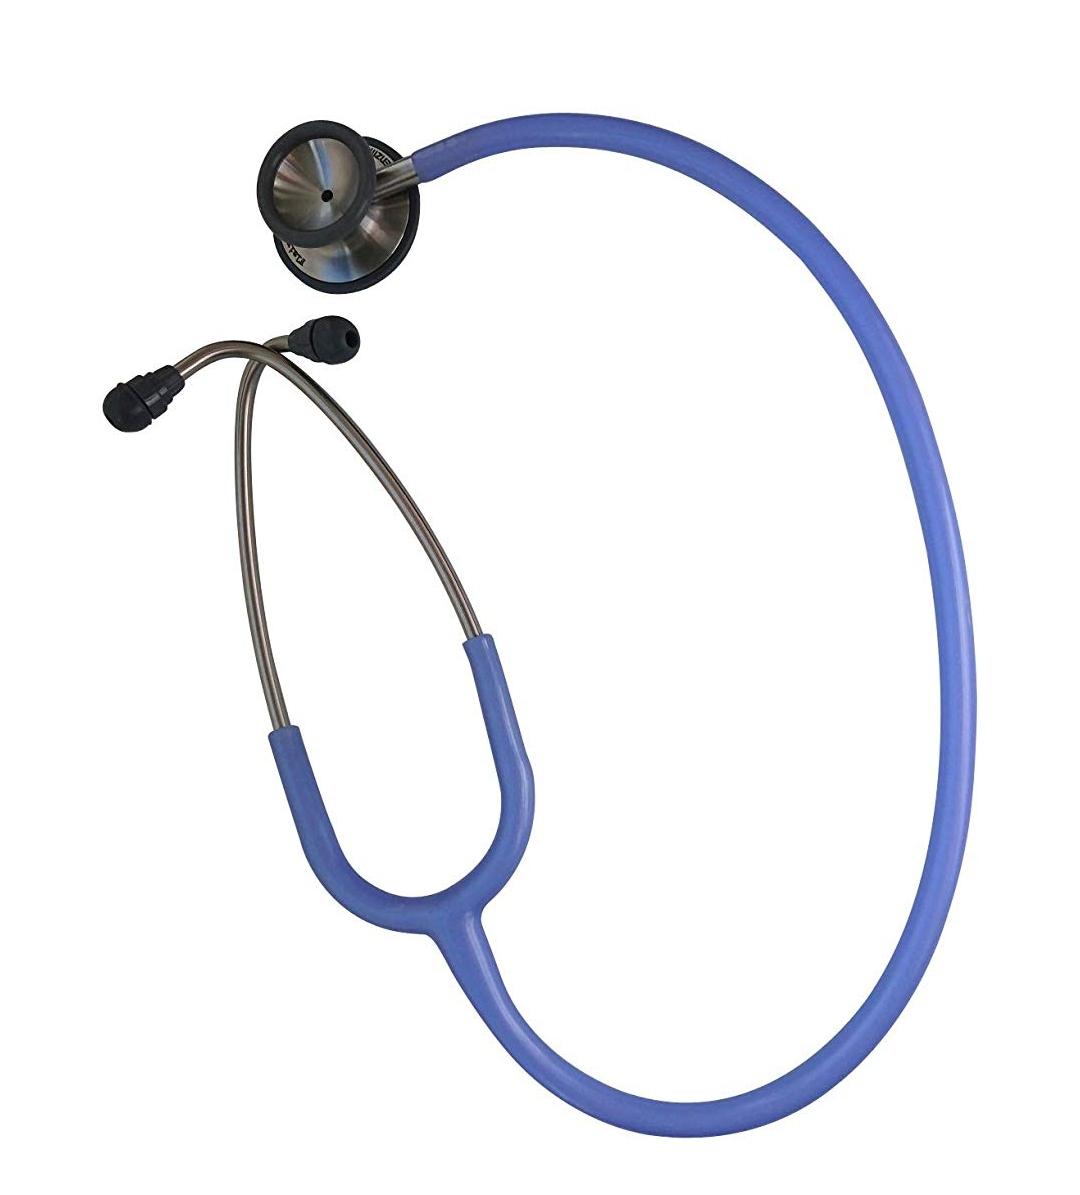 ケンツメディコ 聴診器 フレアーフォネット �137� セイルブルー